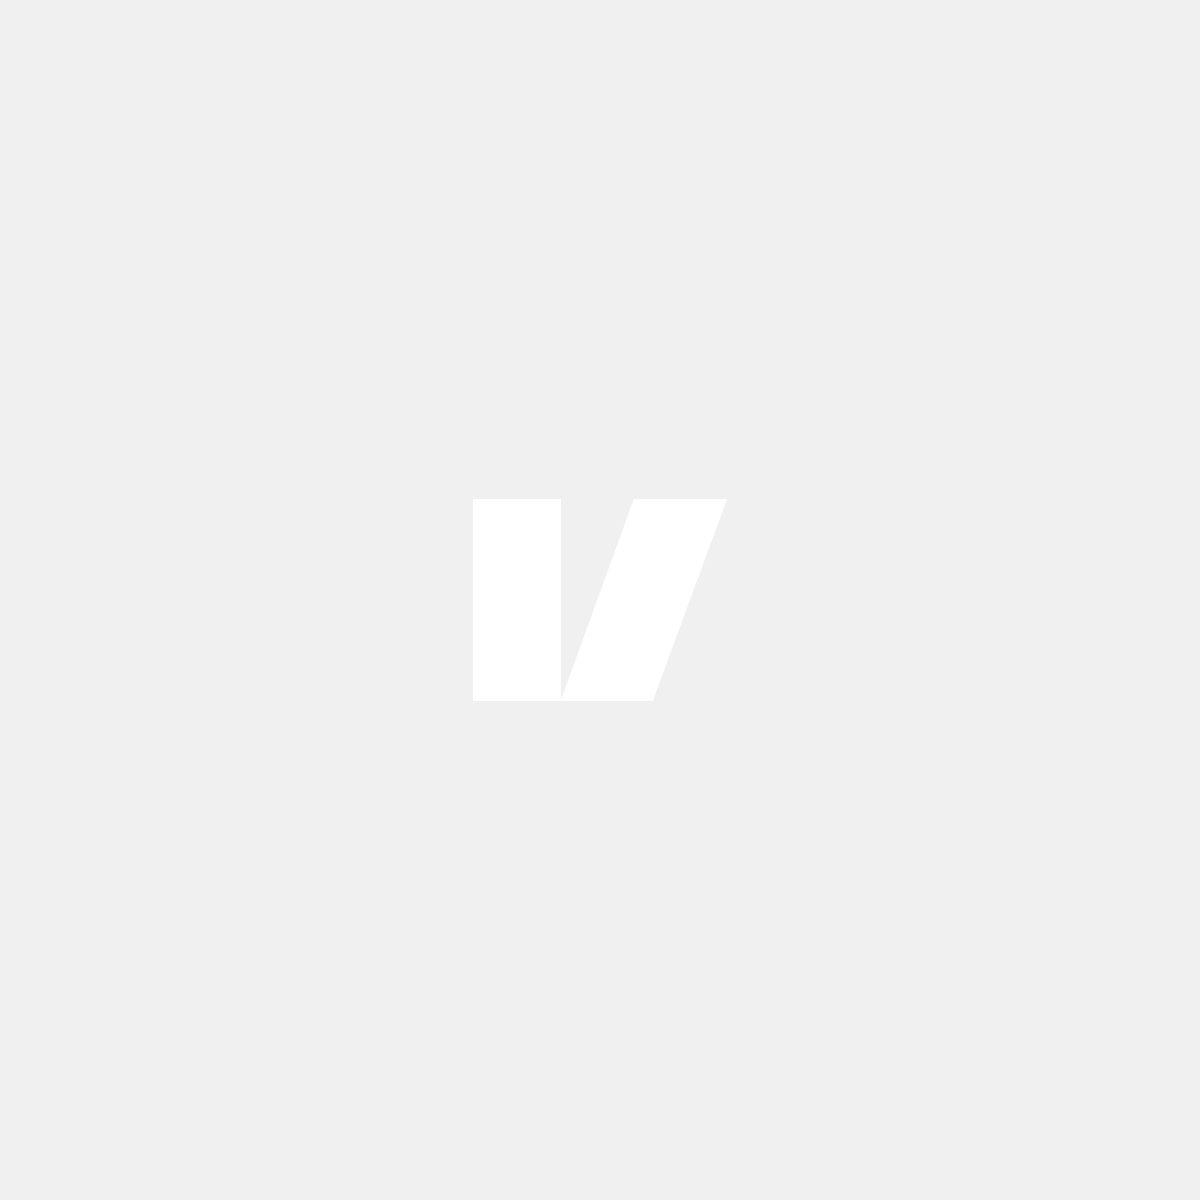 Bakljus klarglas till Volvo V70, XC70 01-07, höger nedre